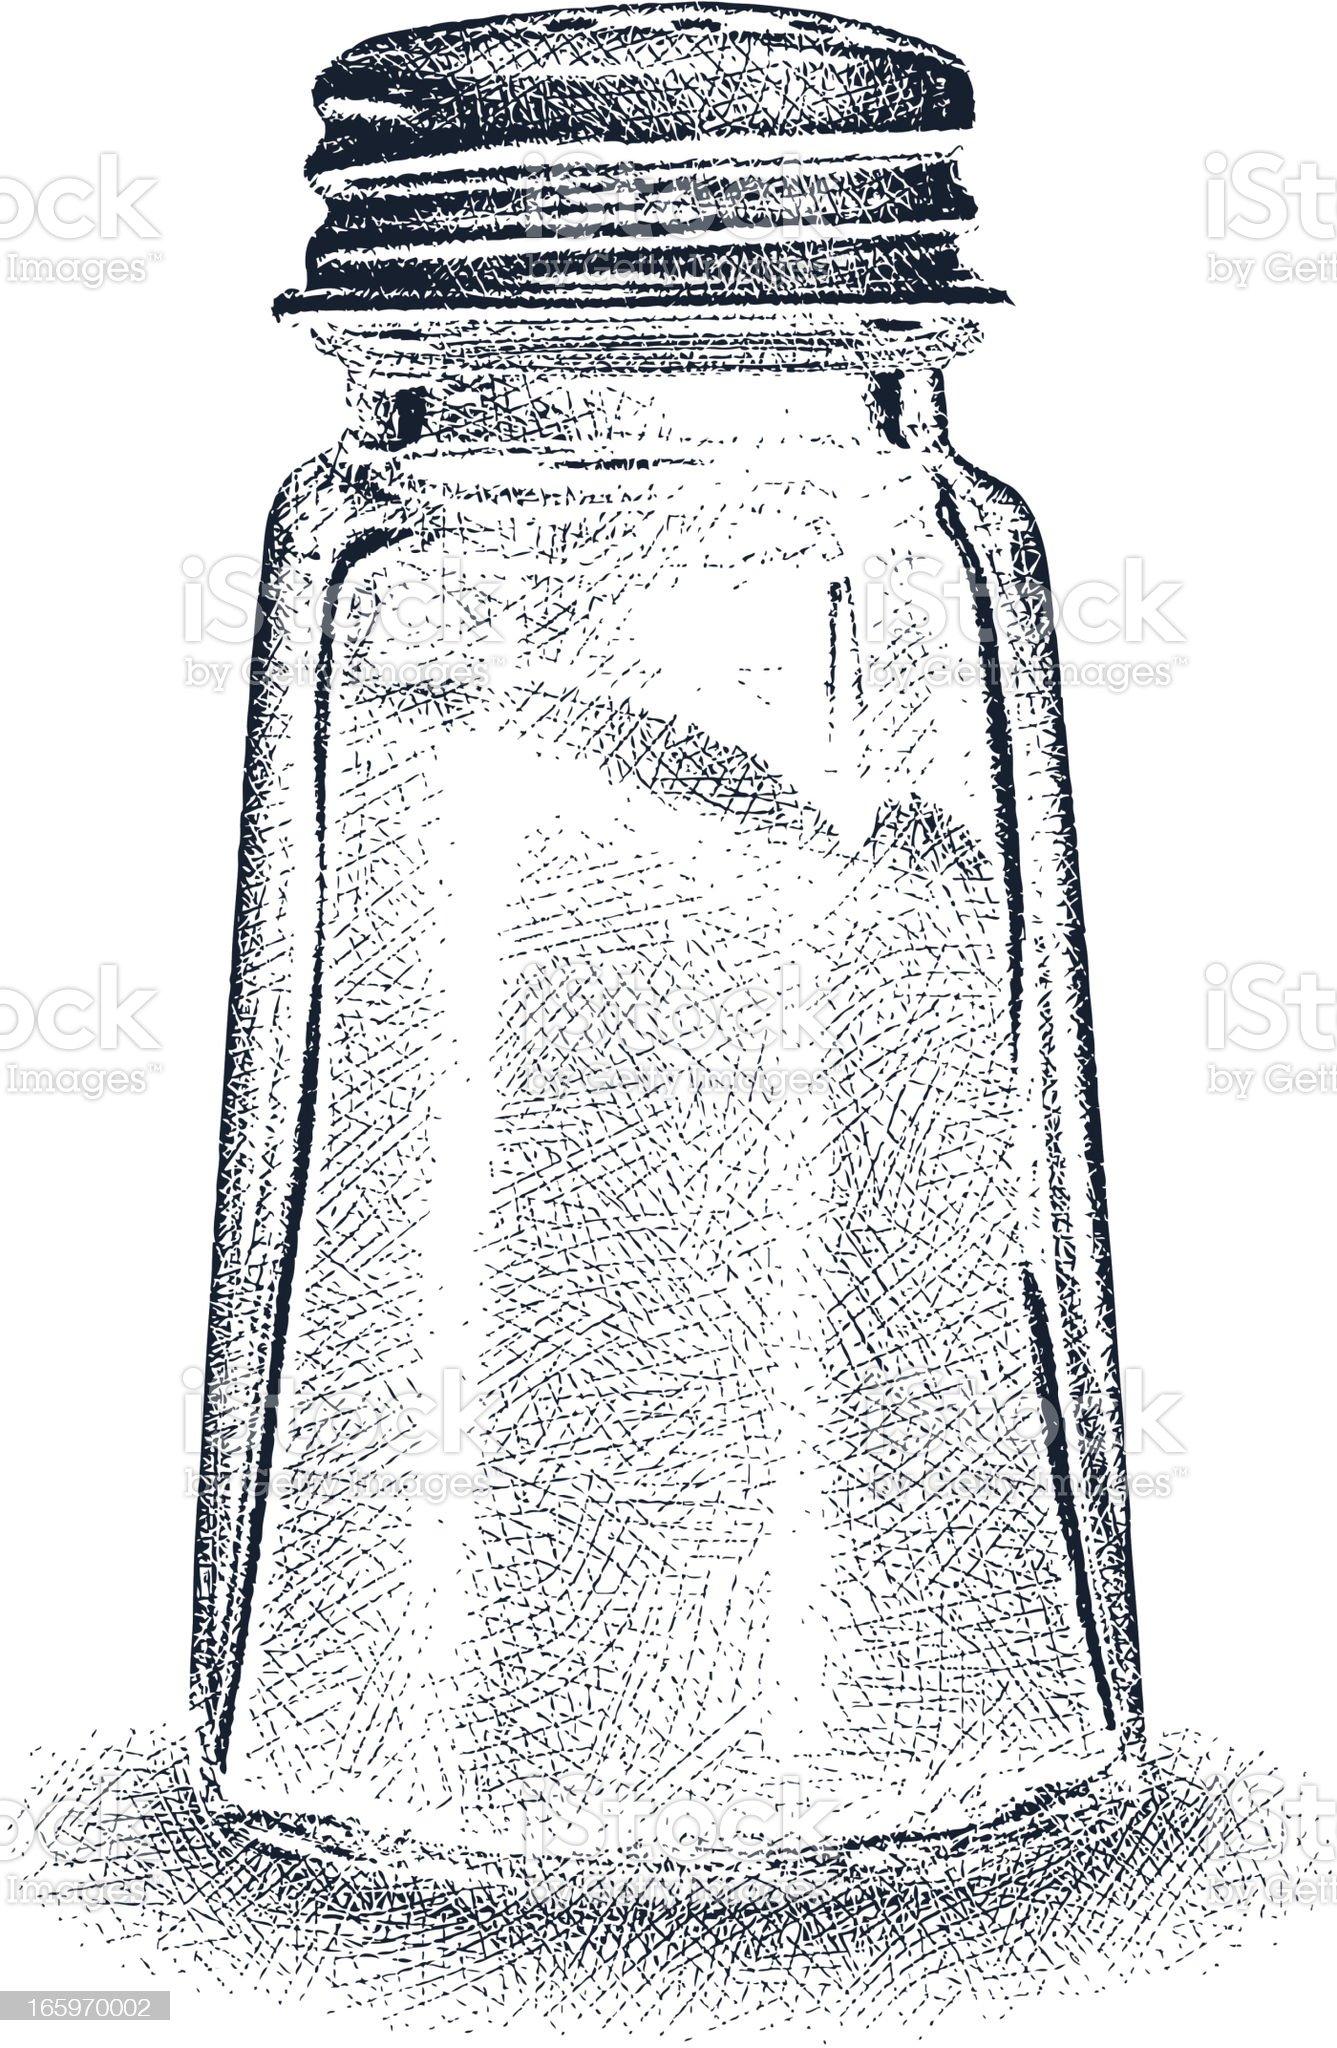 Salt Shaker royalty-free stock vector art